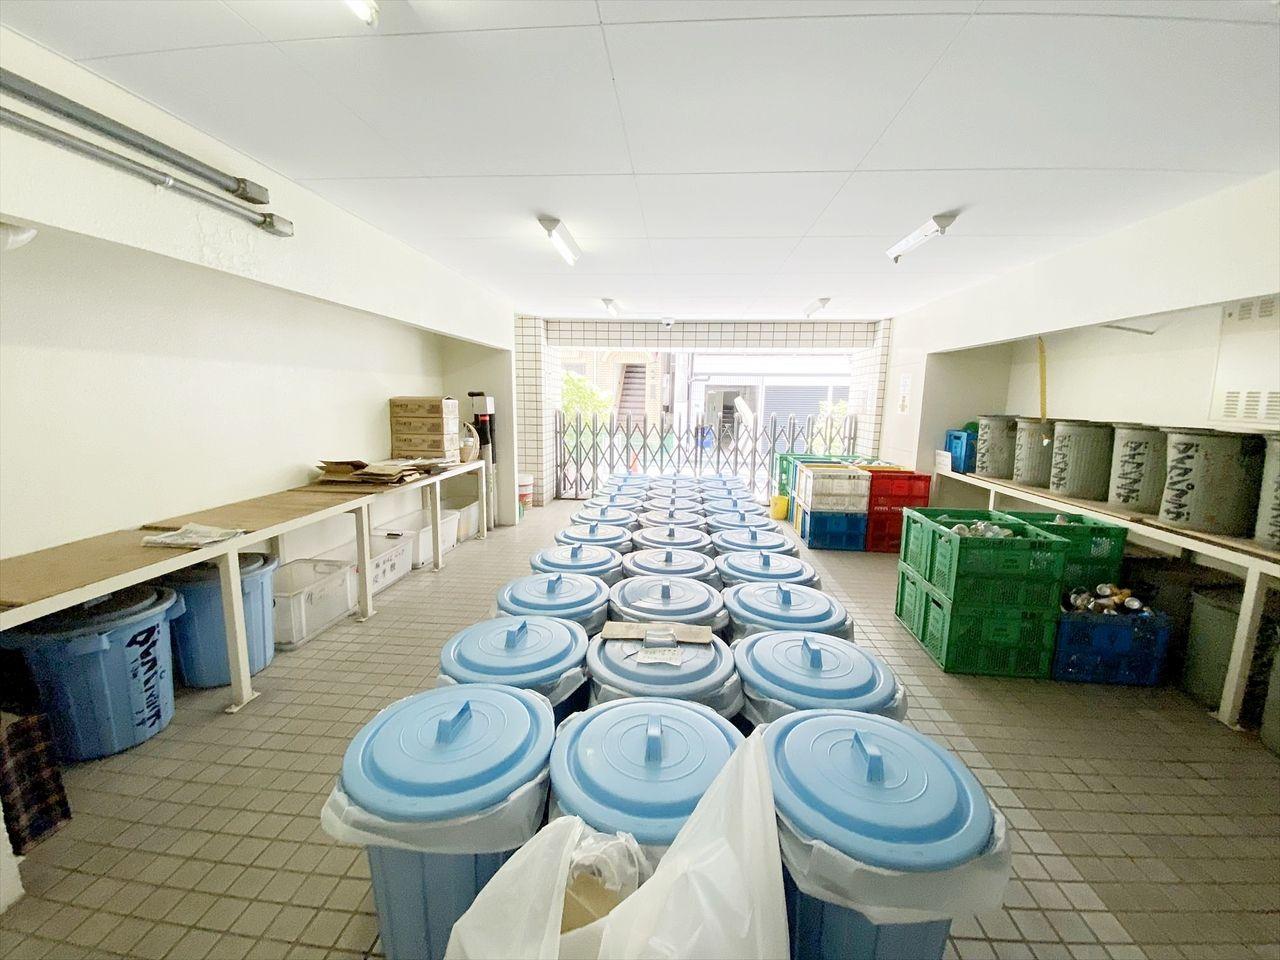 池袋の分譲賃貸マンション 池袋ダイカンプラザのゴミ置き場は広いです。24時間ゴミ出し可能は忙しいお勤めの方には便利です